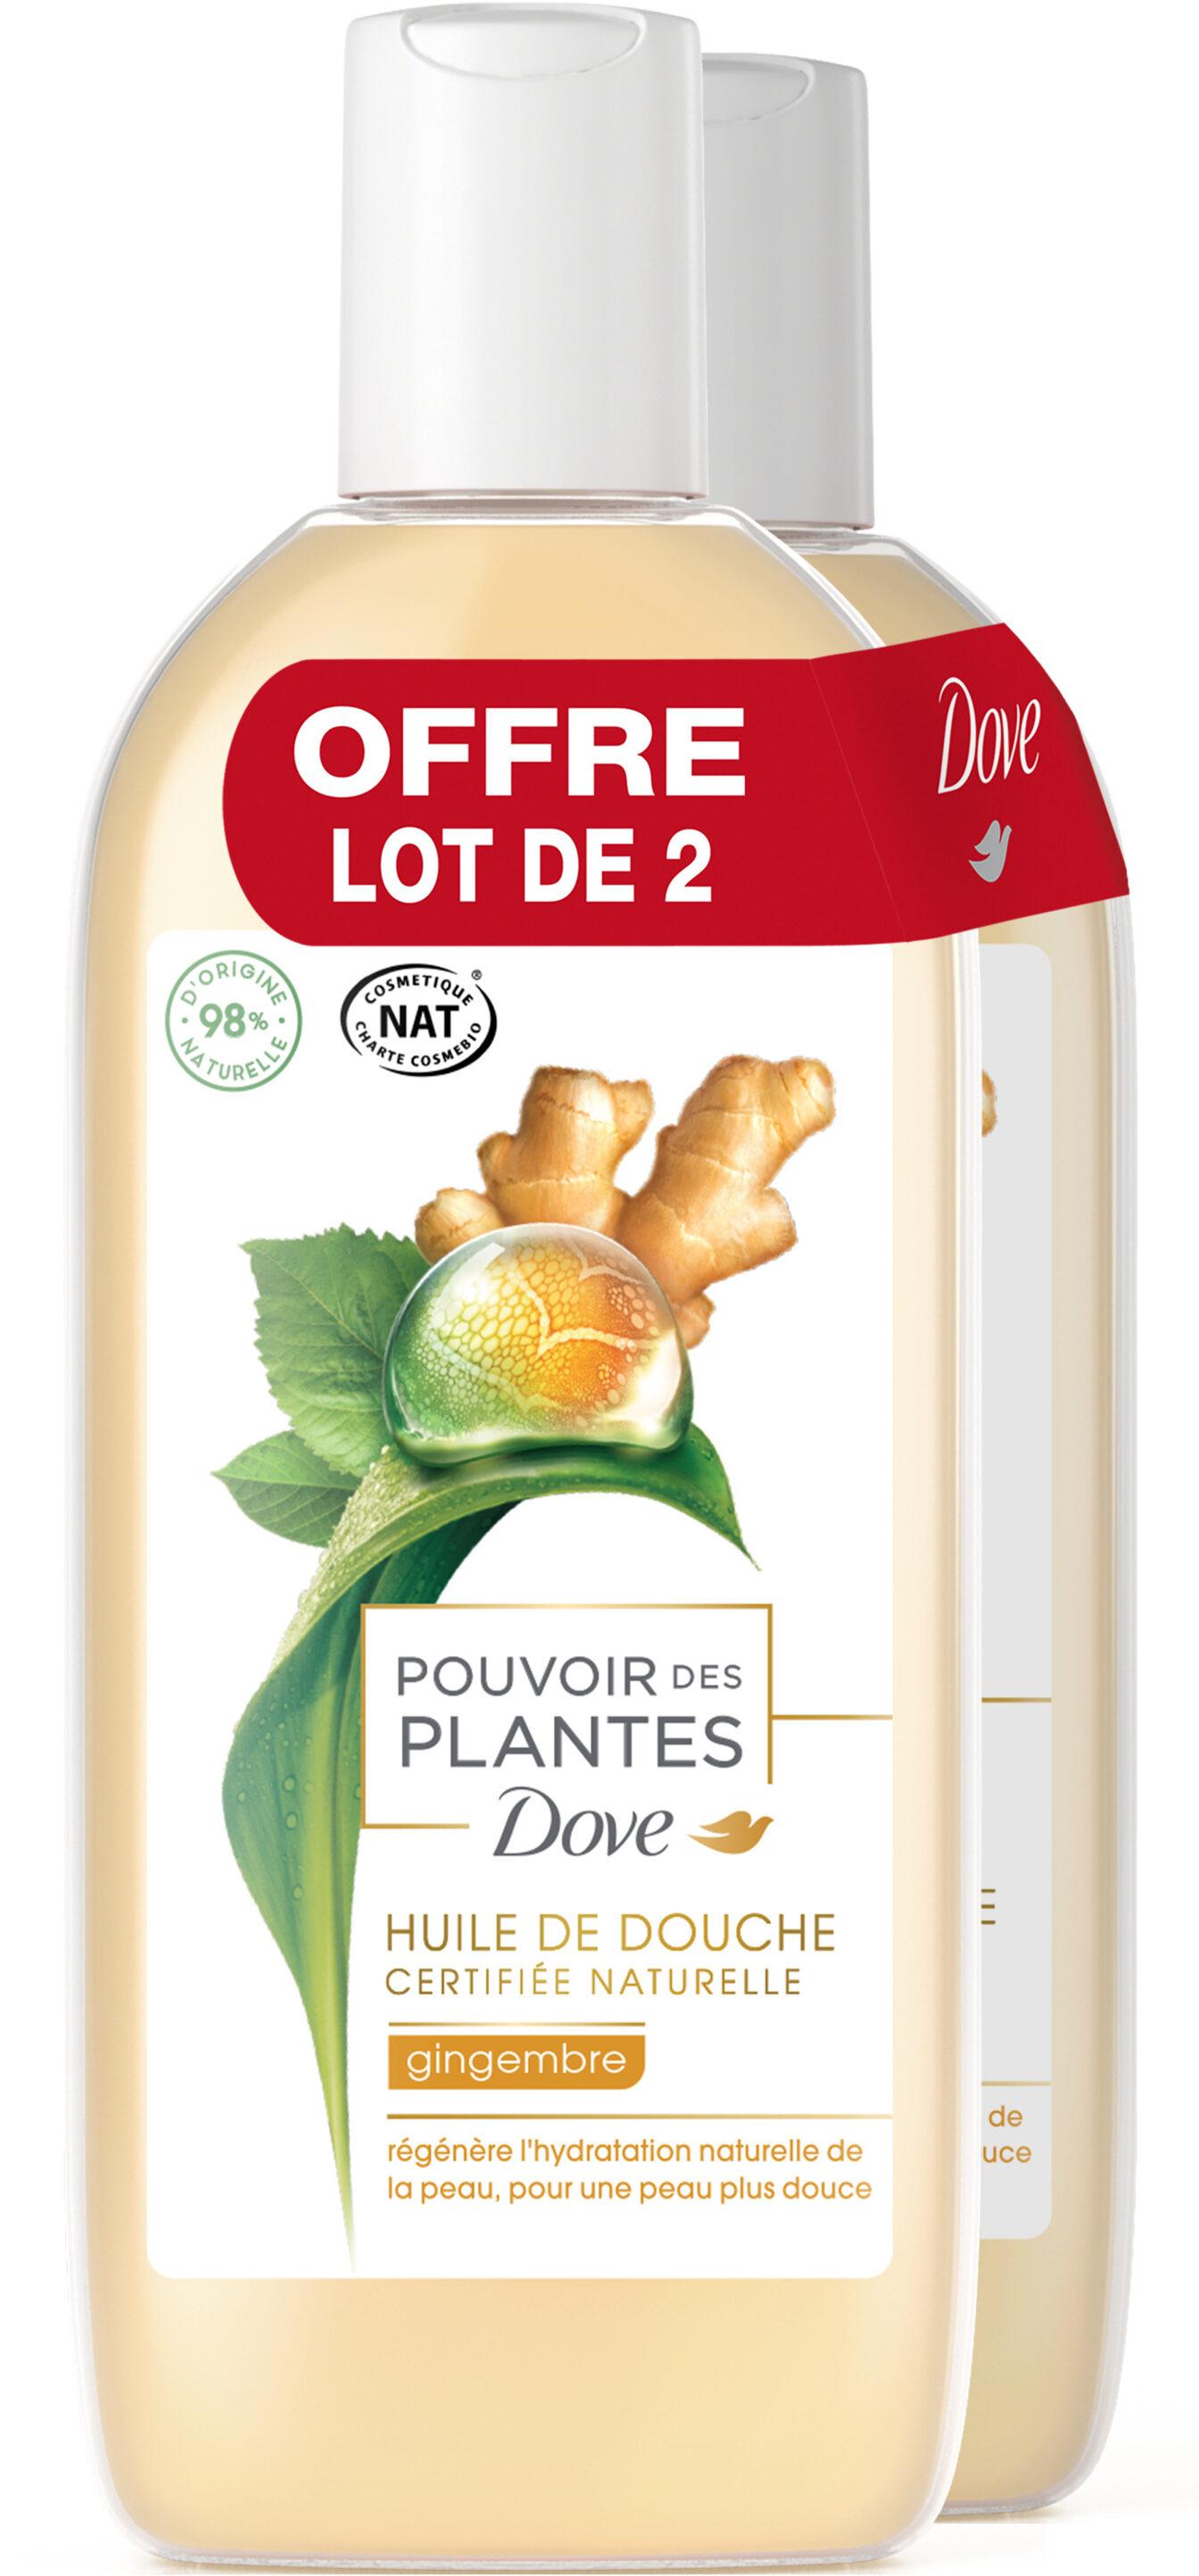 Dove Gel Douche Pouvoir des Plantes Gingembre Lot 2x250ml - Product - fr